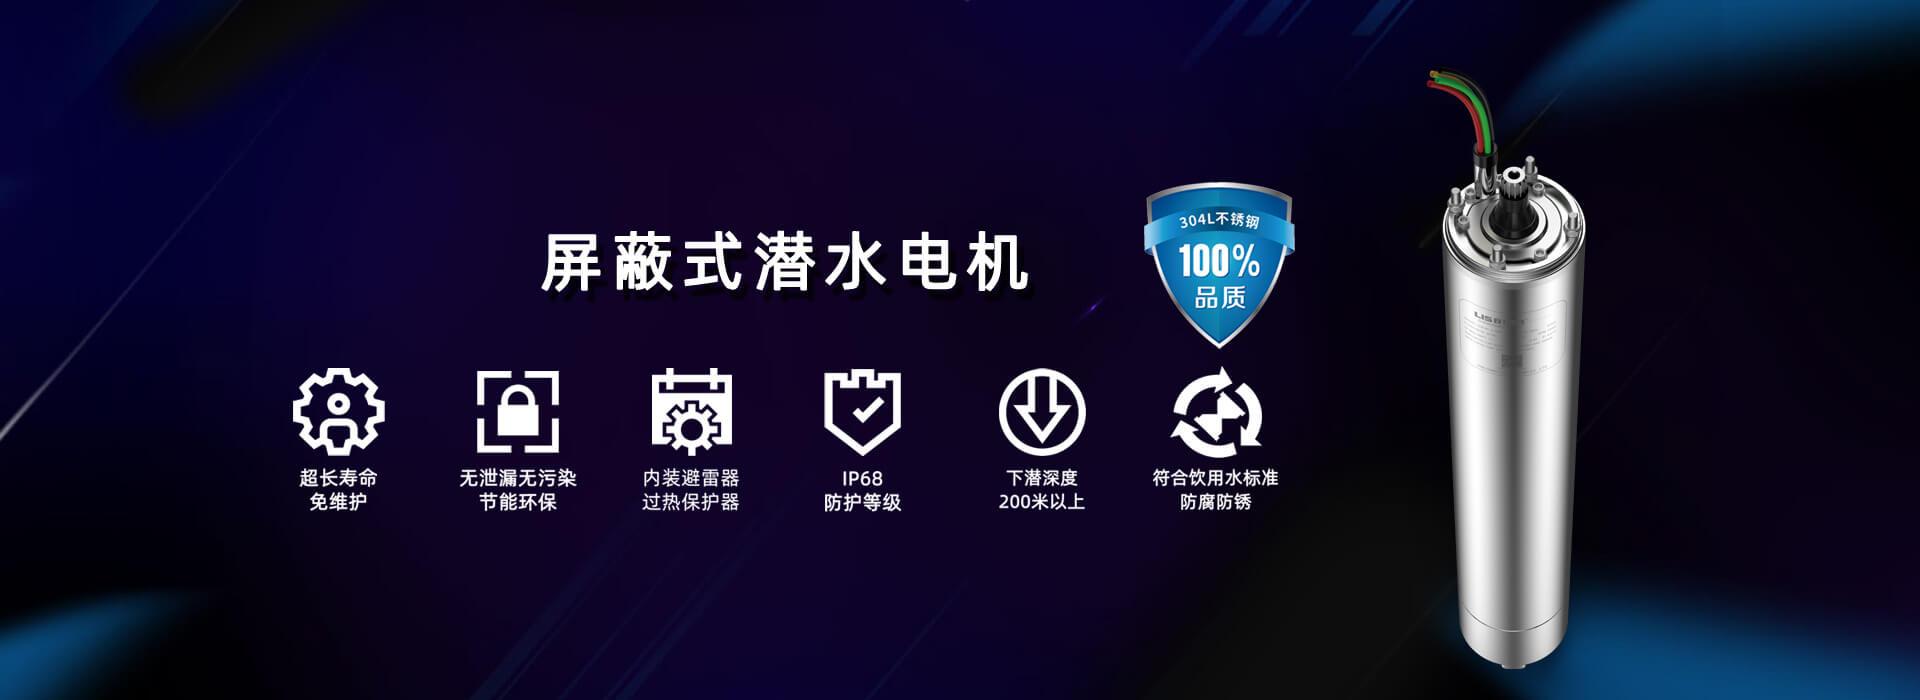 杭州beplay霸水冷式屏蔽潜水电机